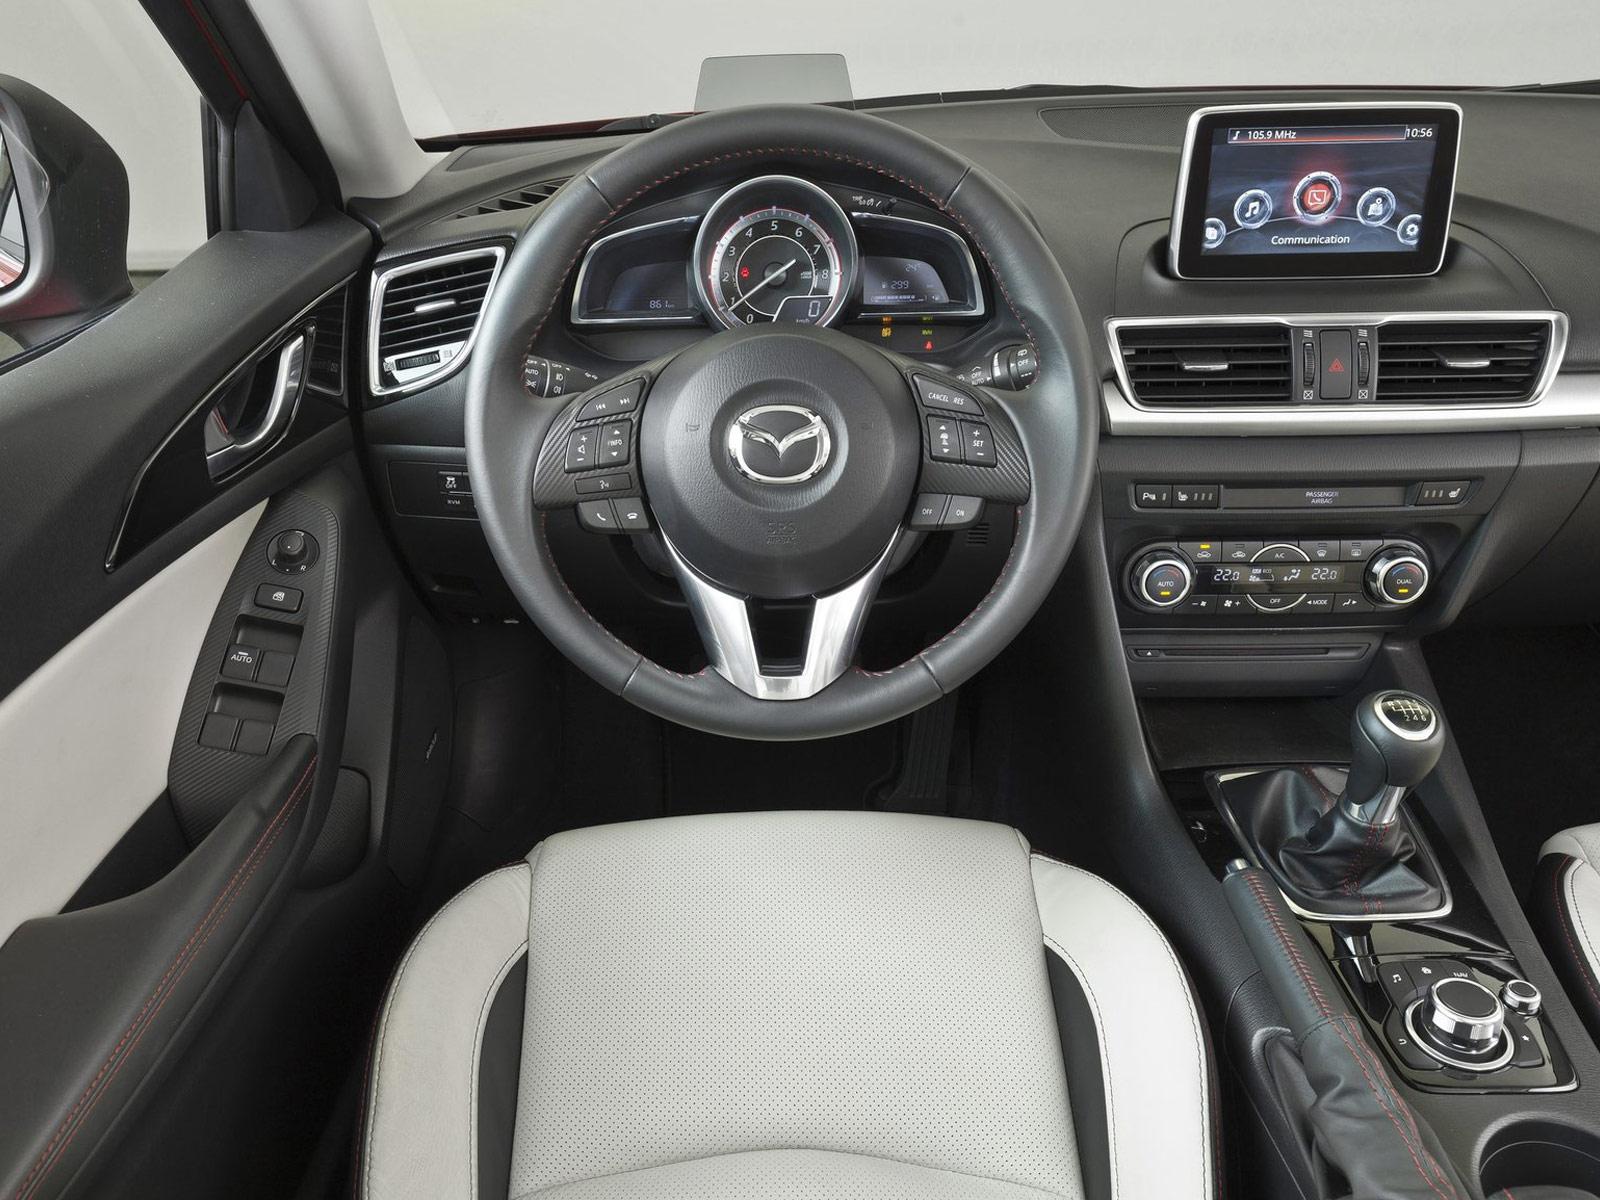 2014 Mazda 3 Sedan Japanese Car Photos 4 ...